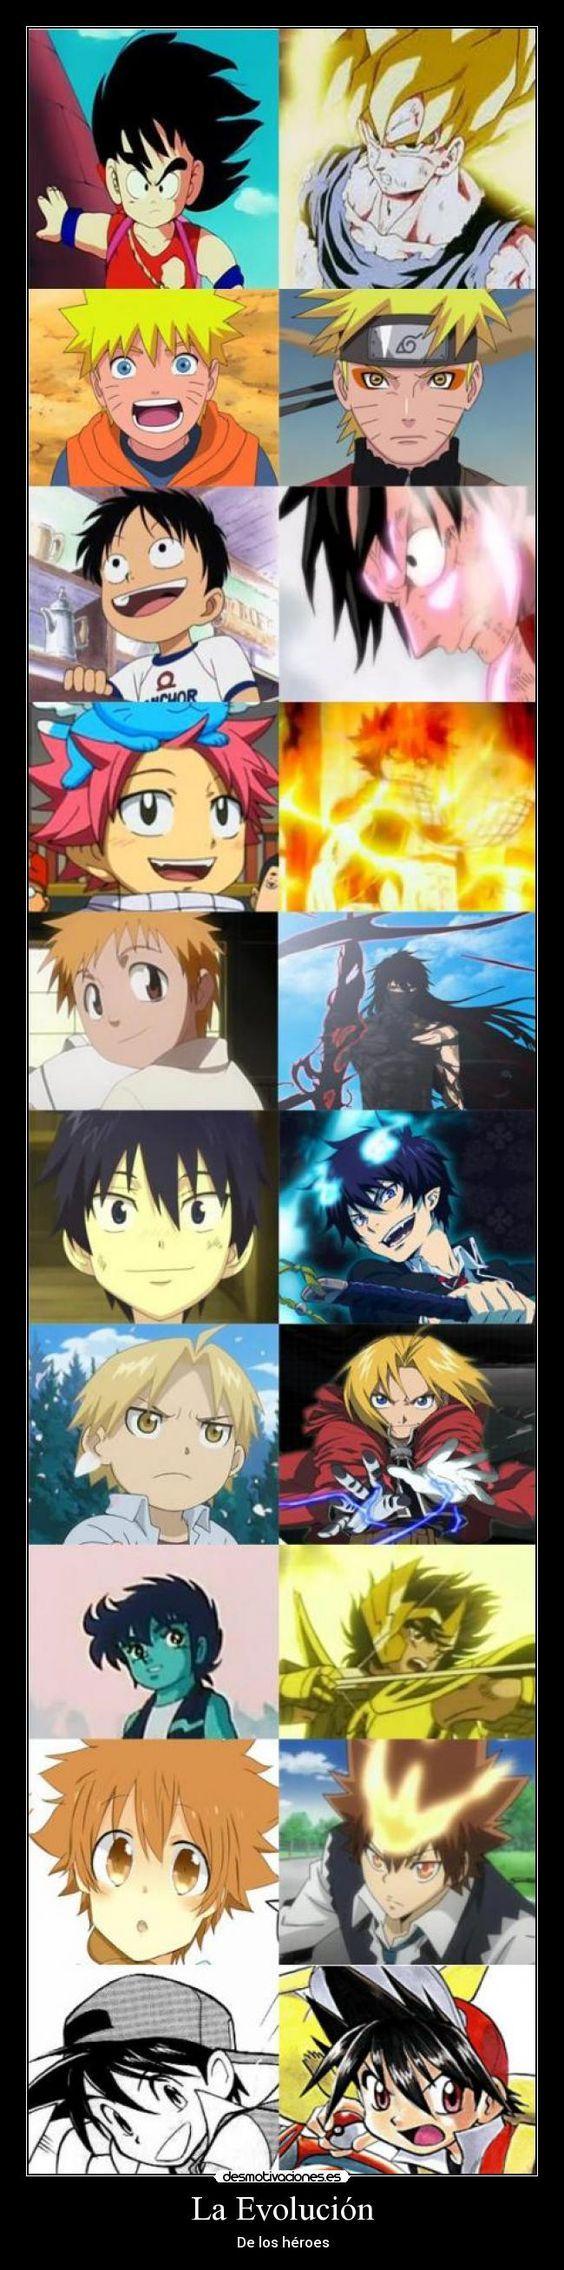 carteles goku naruto luffy natsu ichigo rin edward seiya tsuna red heroes evolucion anime desmotivaciones: